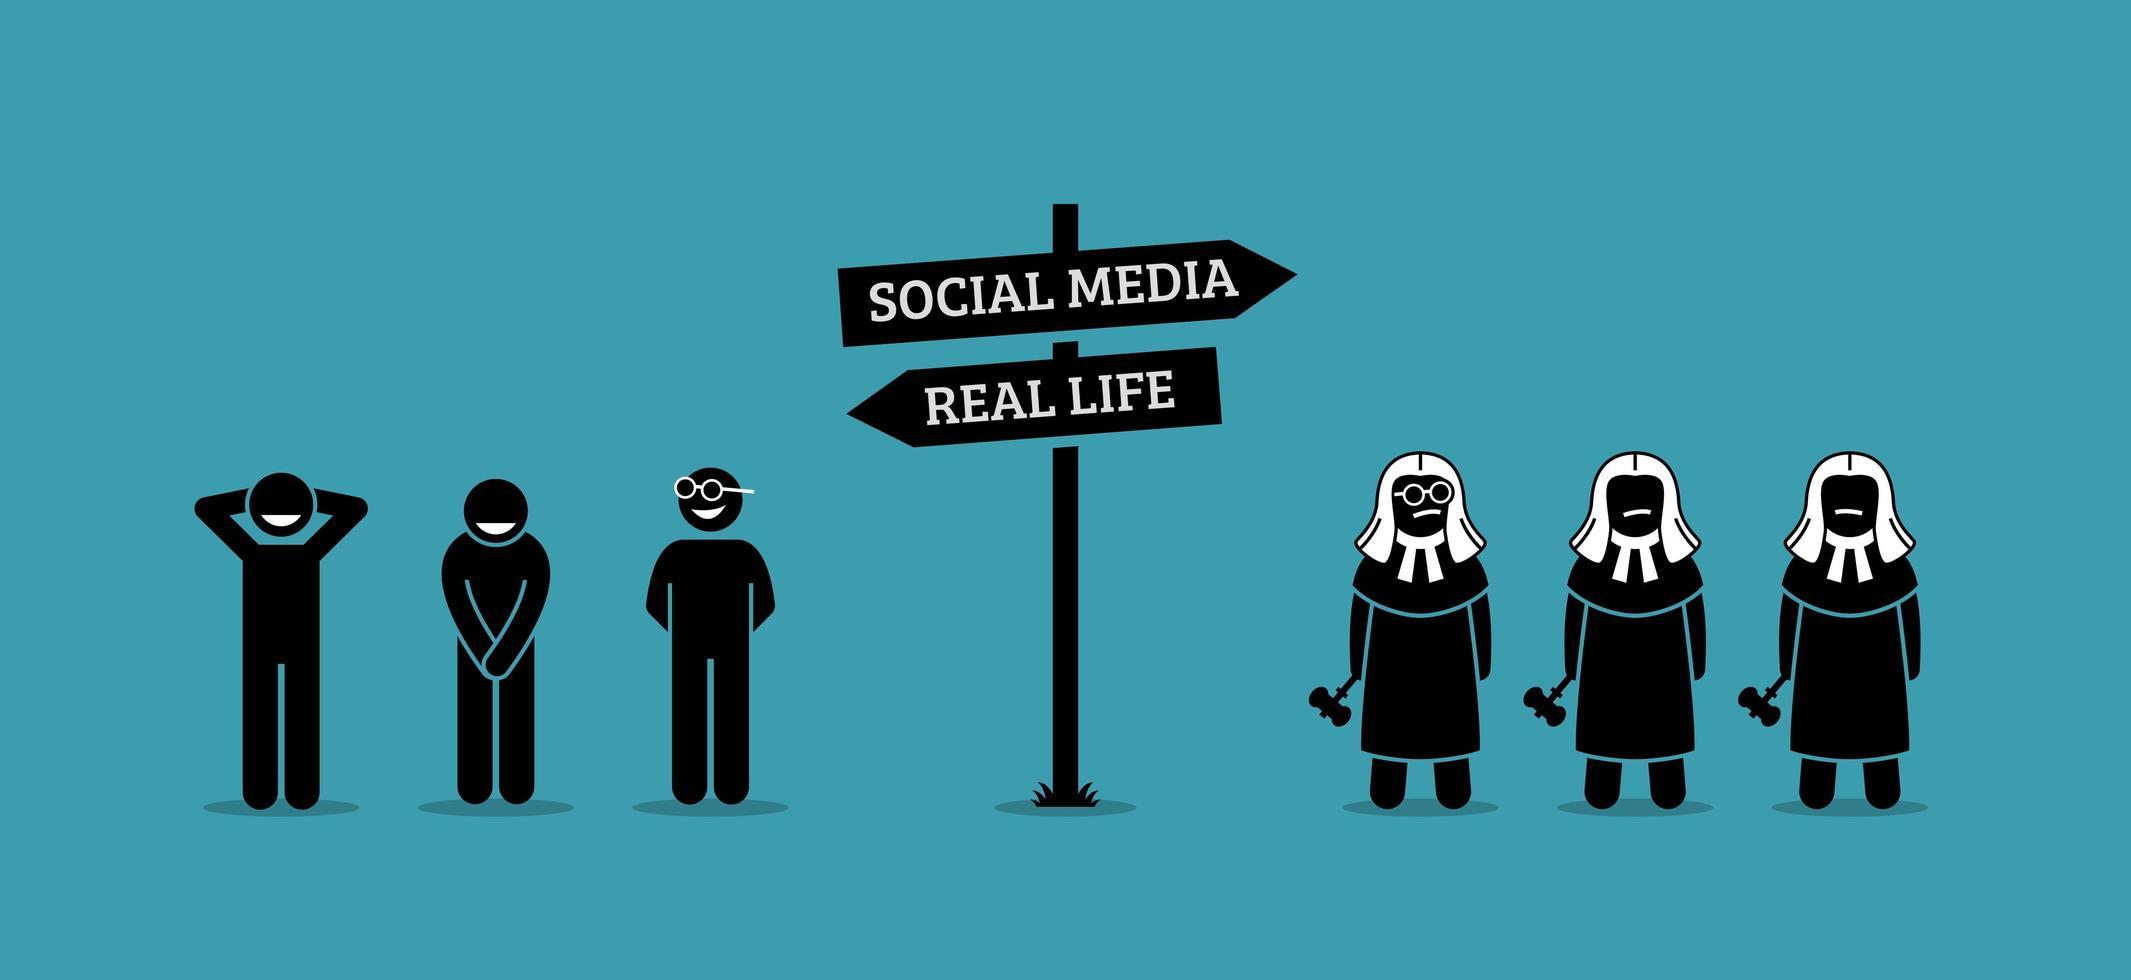 a diferença entre os comportamentos humanos na vida real e nos meios de comunicação sociais. vetor